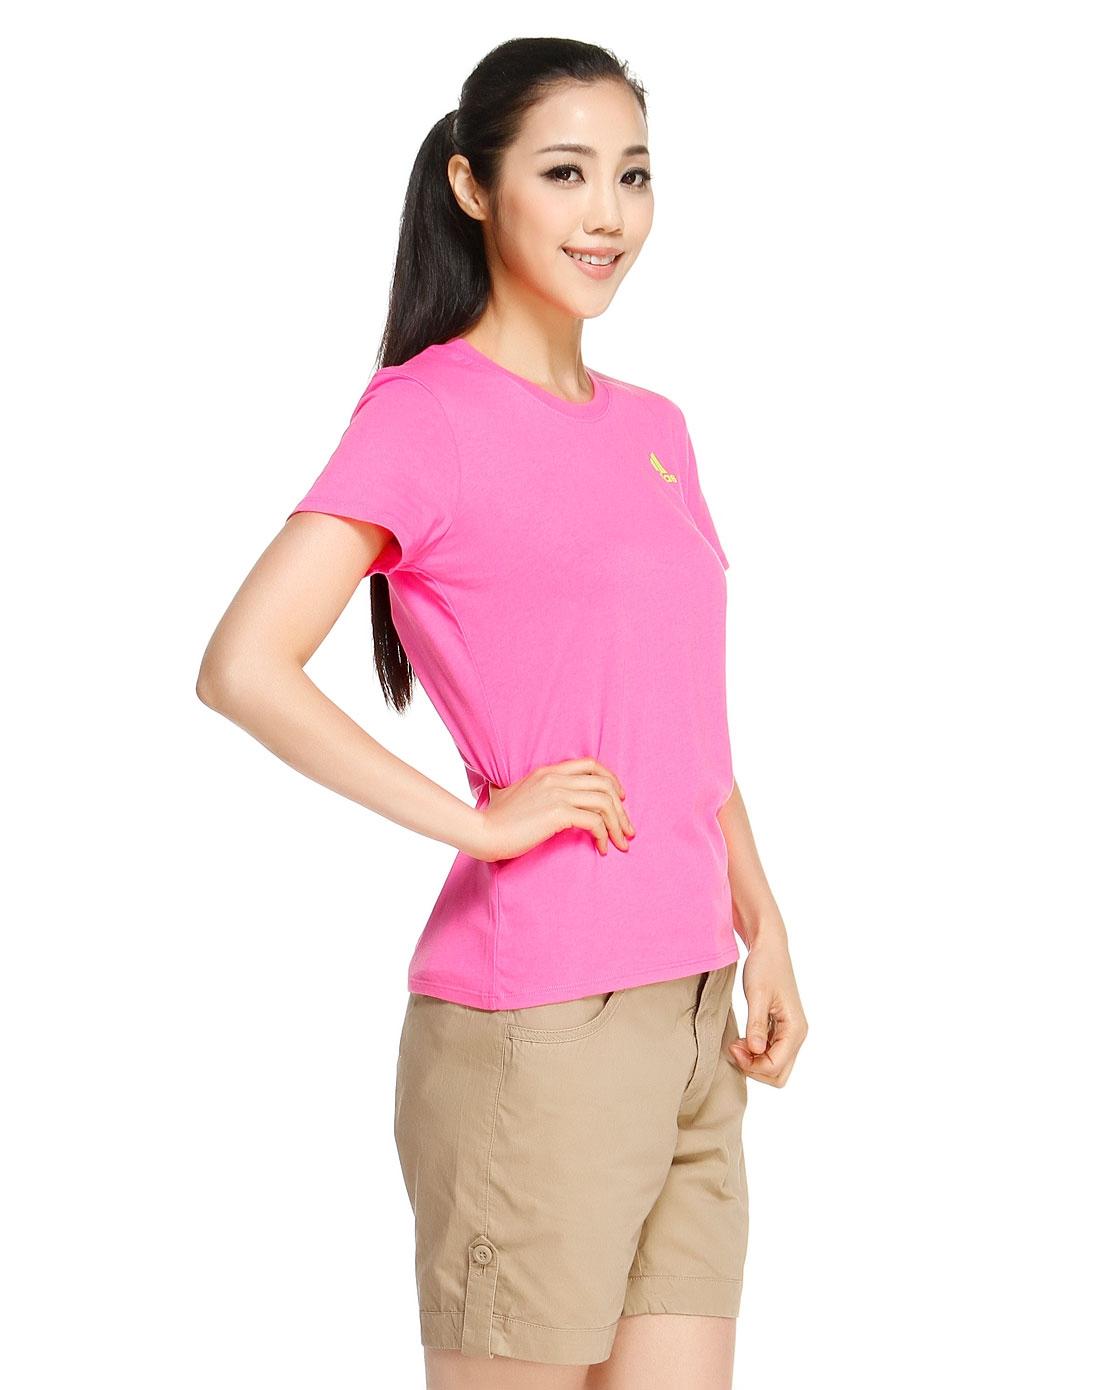 场女款绿配粉红色短袖t恤